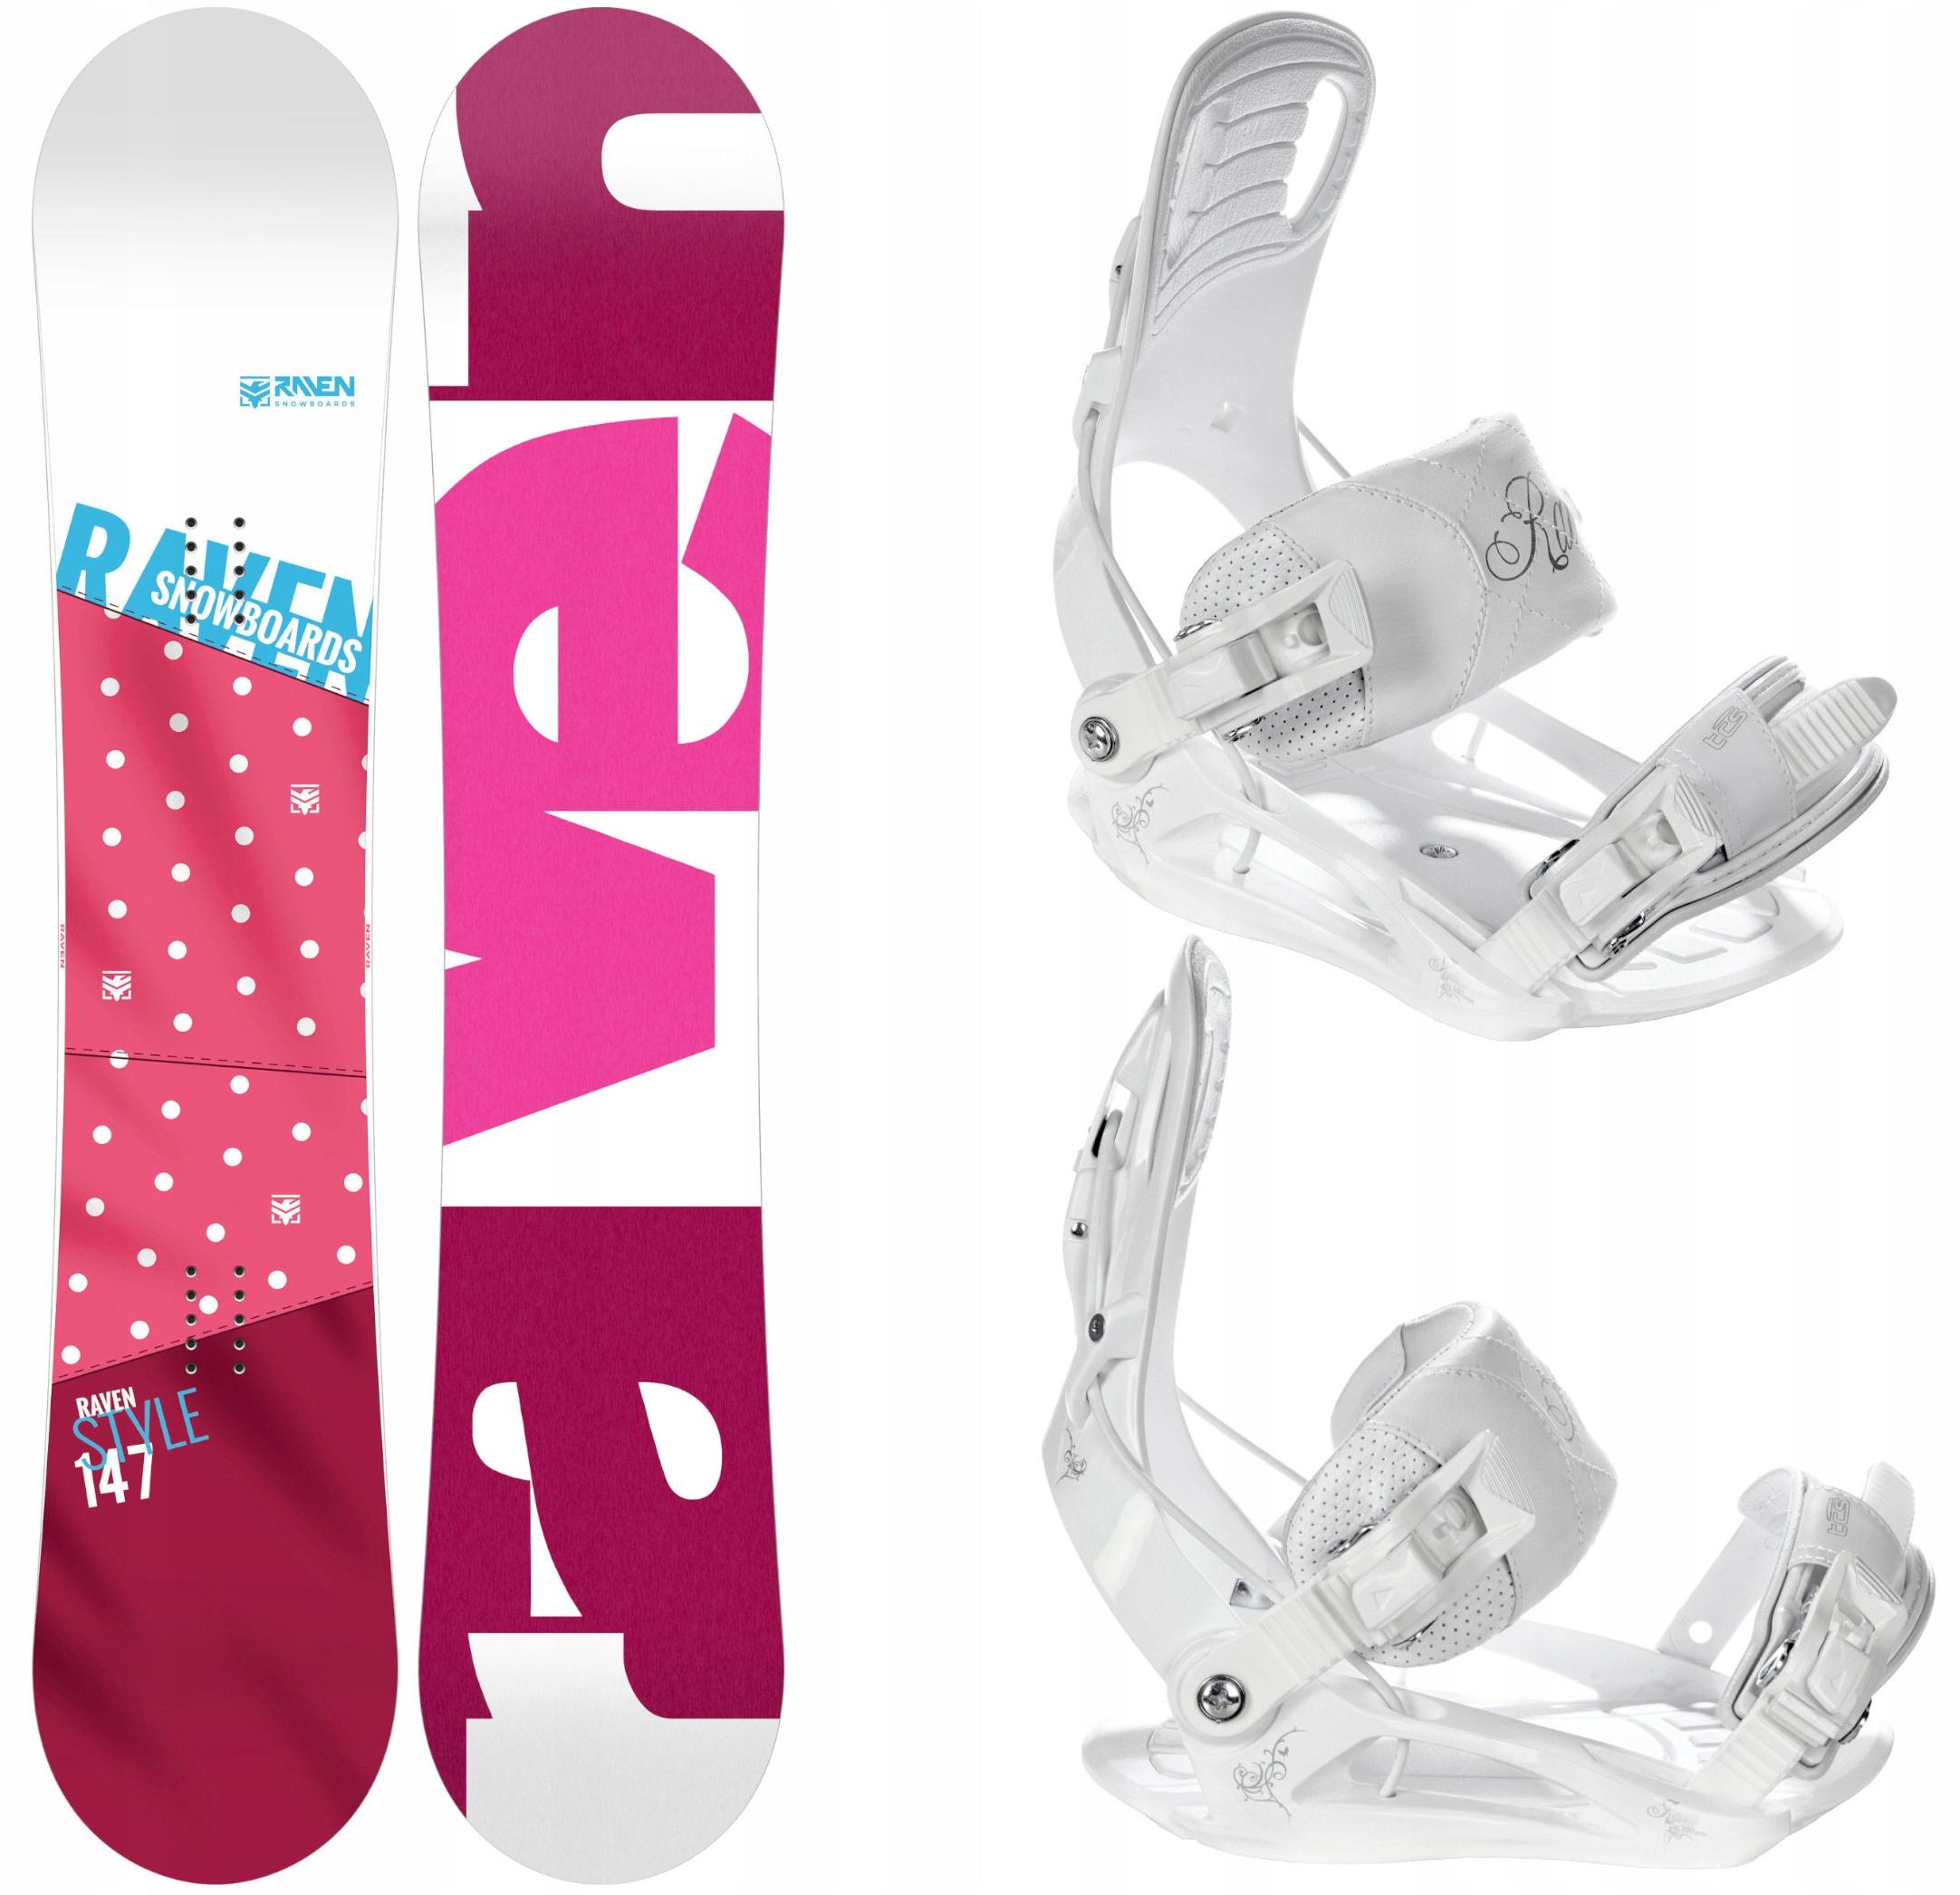 Snowboard RAVEN Štýl Ružová 140 cm + Viazanie Luna